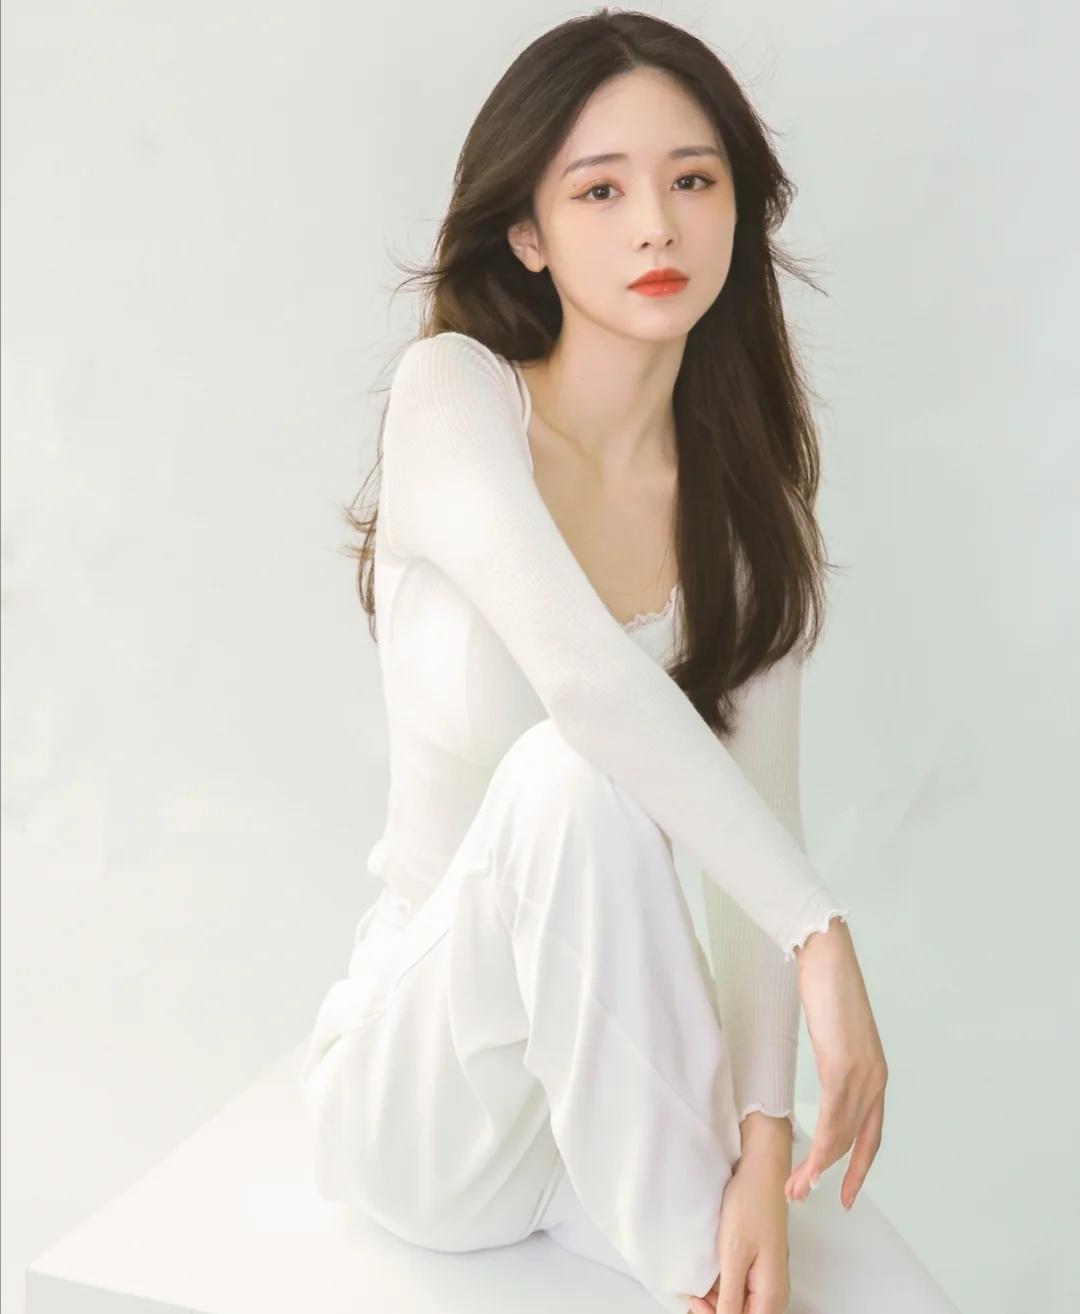 美女女神,非常有气质的白衣女神